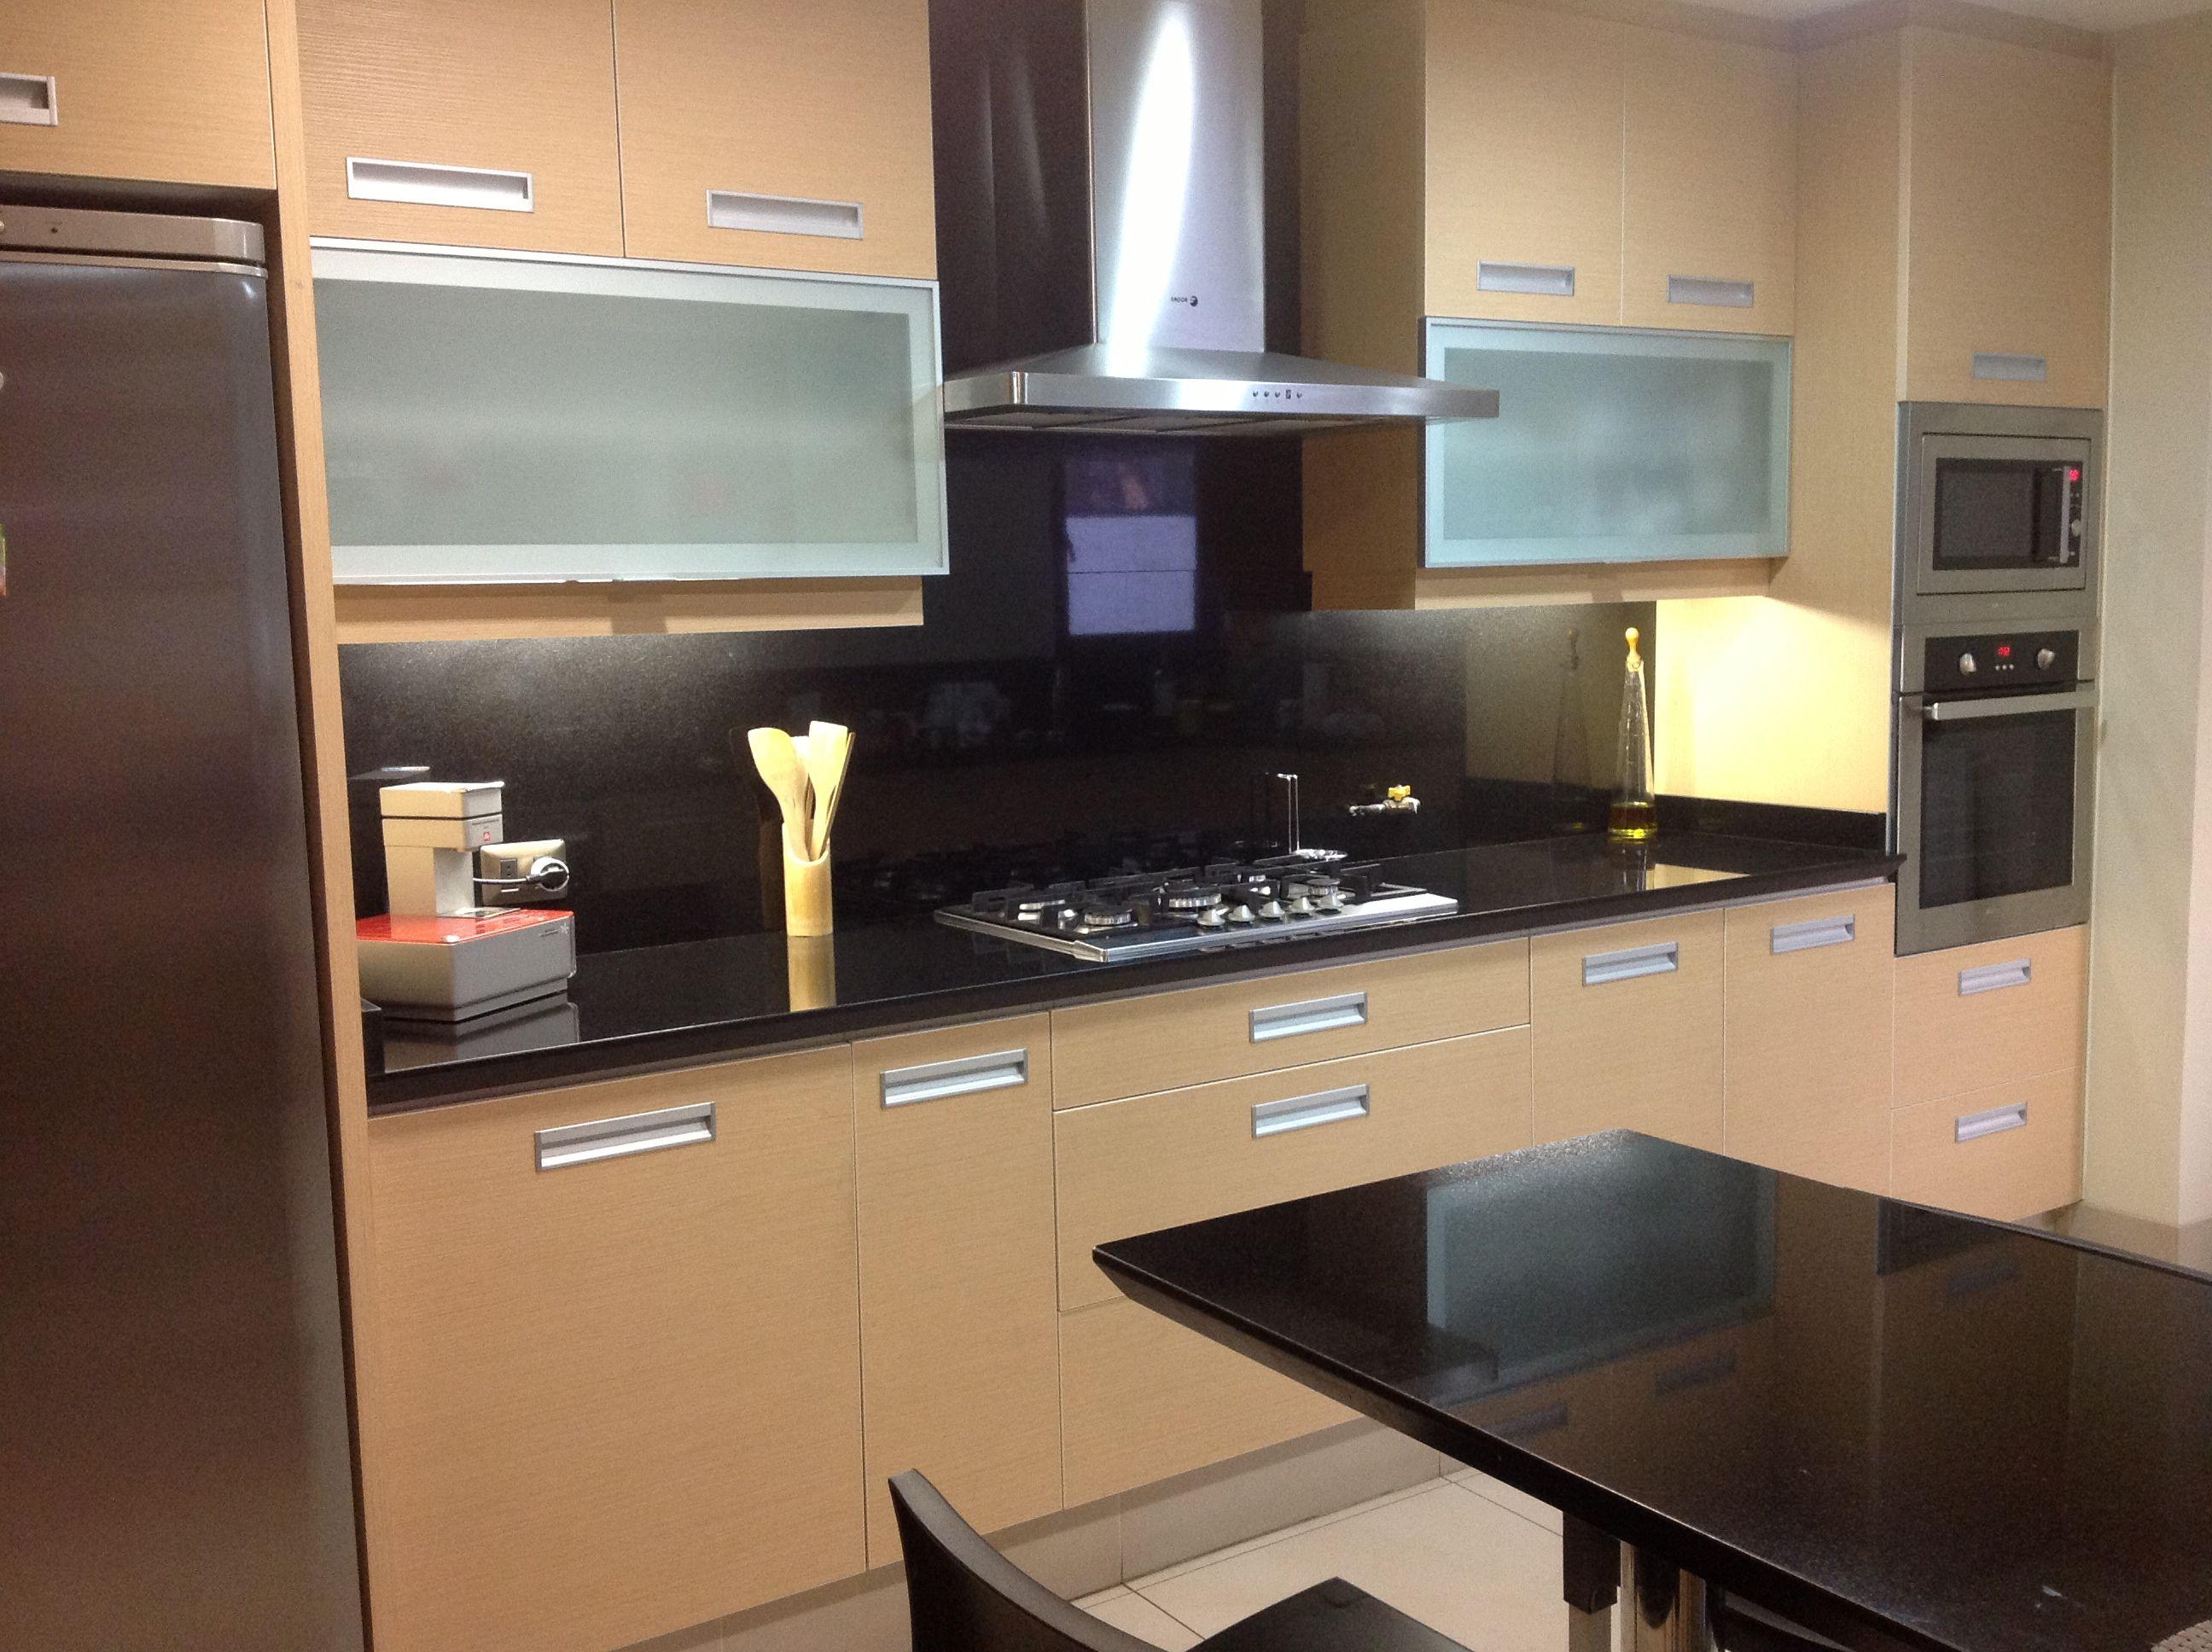 Cocina con retorno en muro en granito cocina kitchen for Cocina con electrodomesticos de color negro